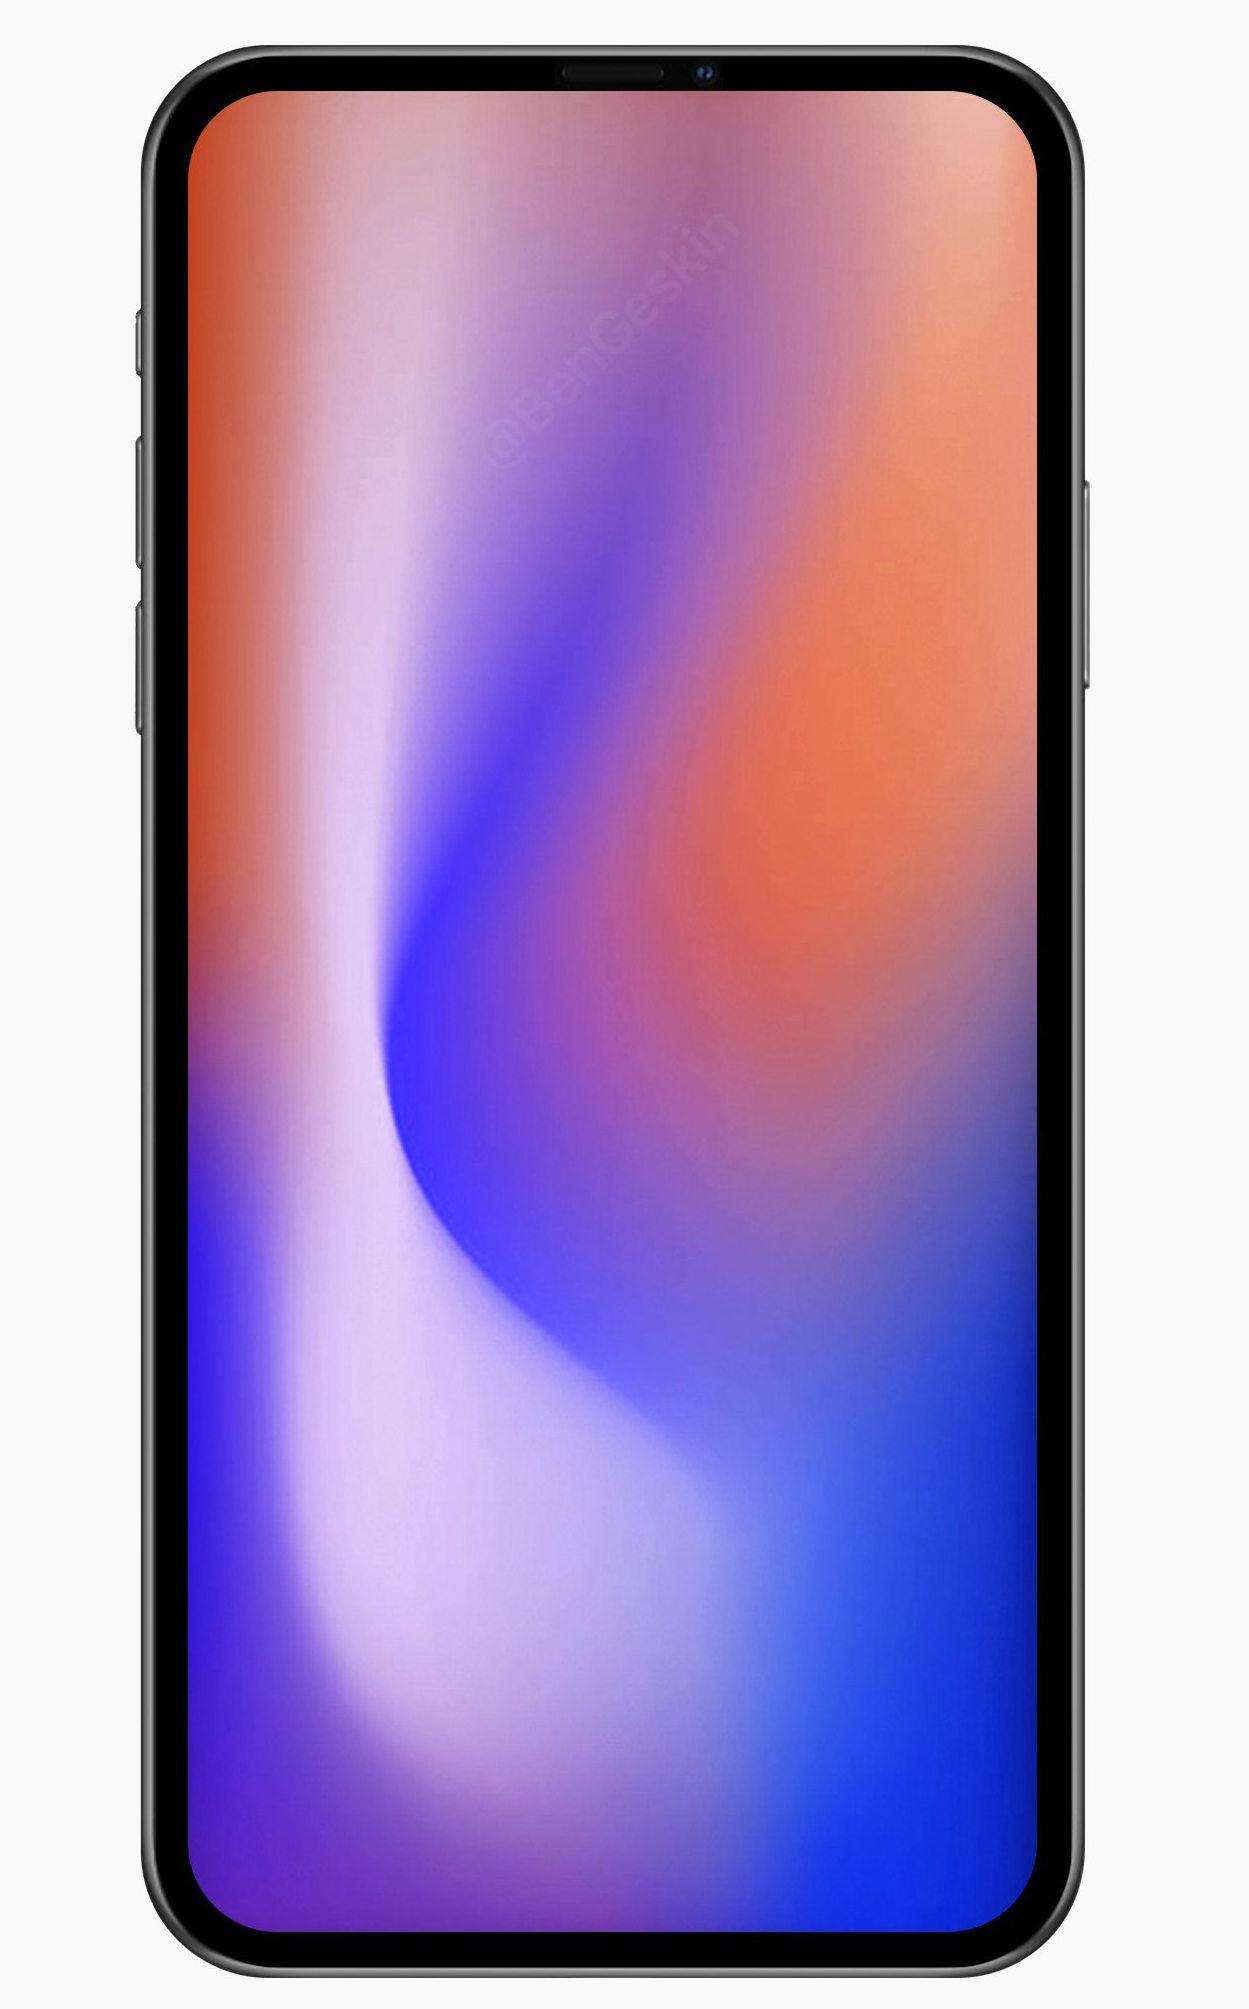 2020iPhone12 mockupcg 02